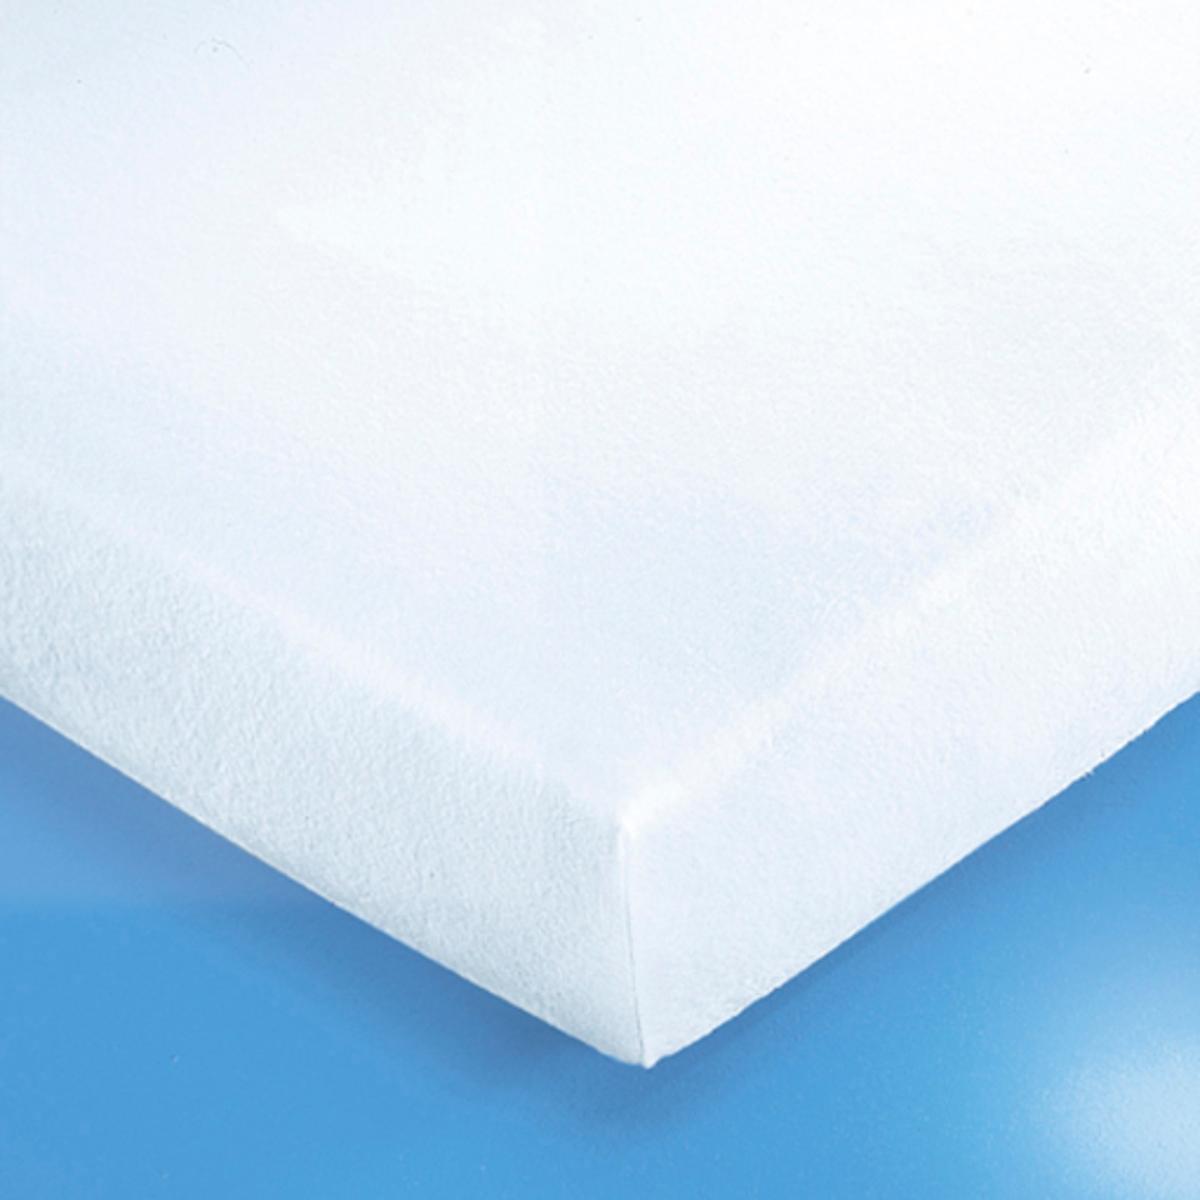 Чехол защитный на матрас натяжной из эластичной махровой ткани с непромокаемой прослойкой из полиуретана